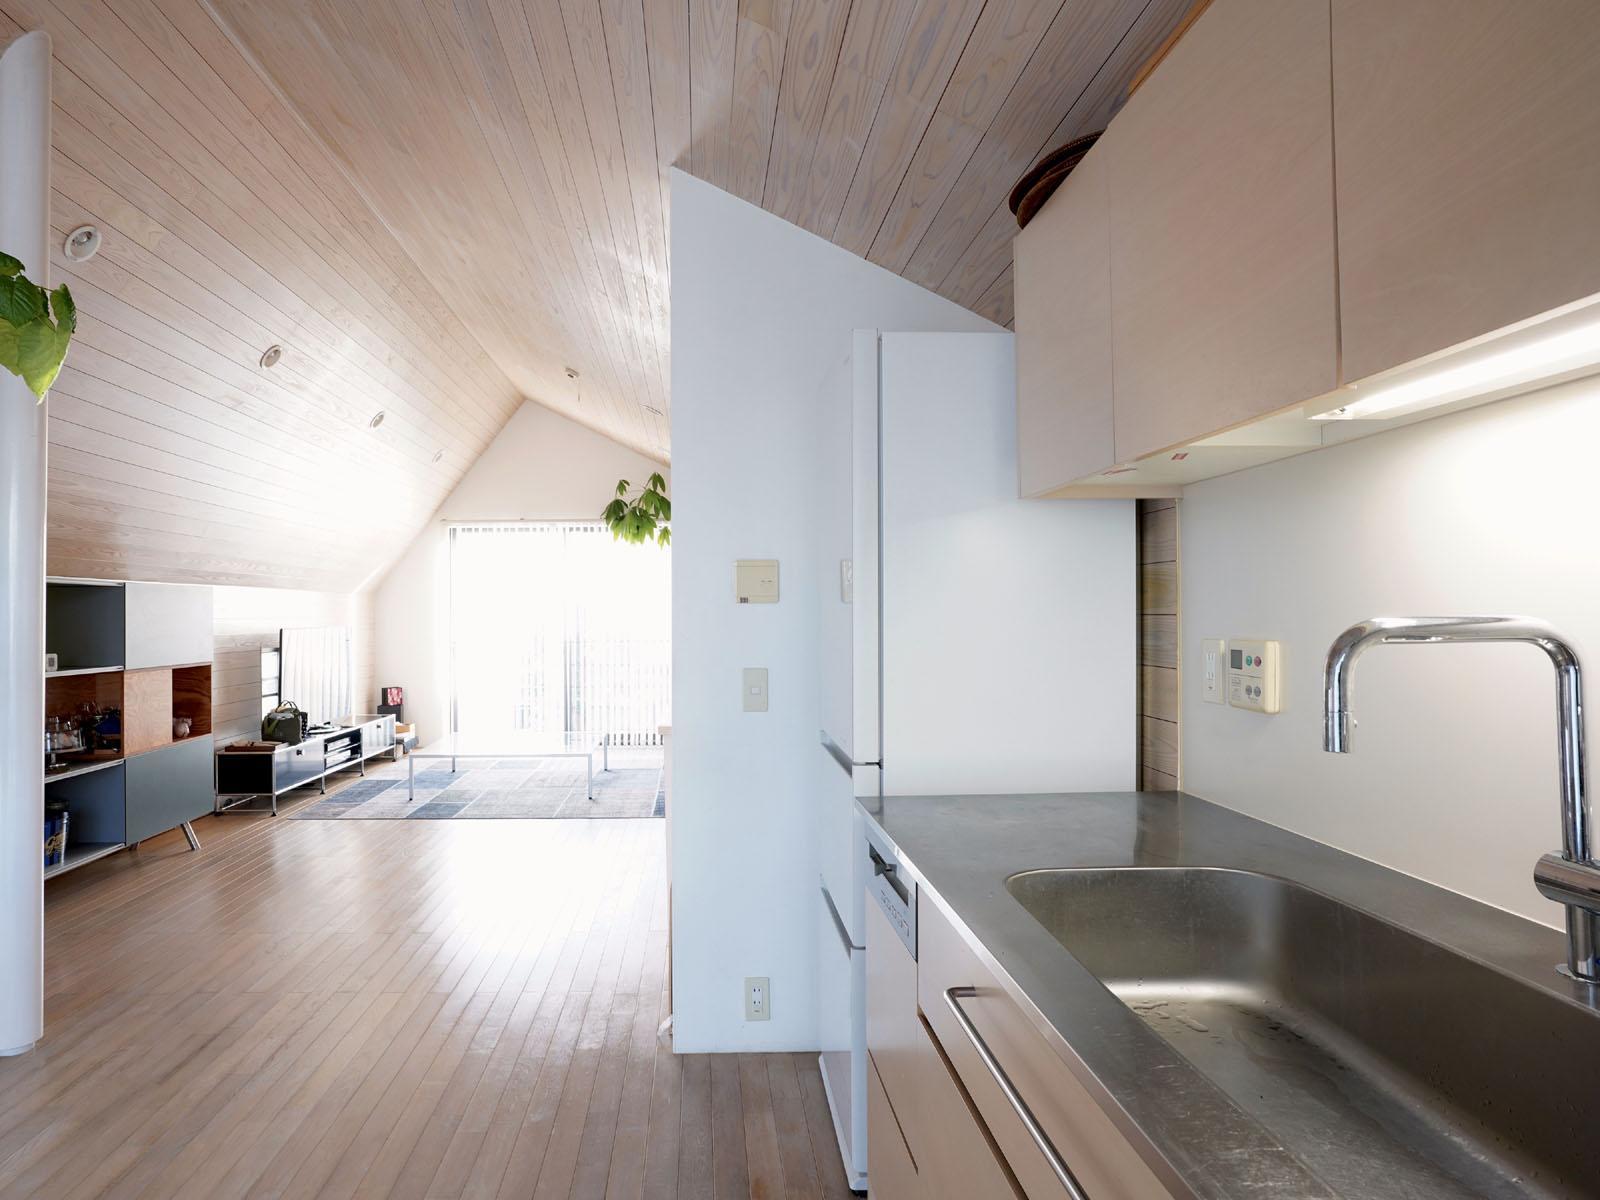 3階:キッチンから引いて見る、遮るものない開放感